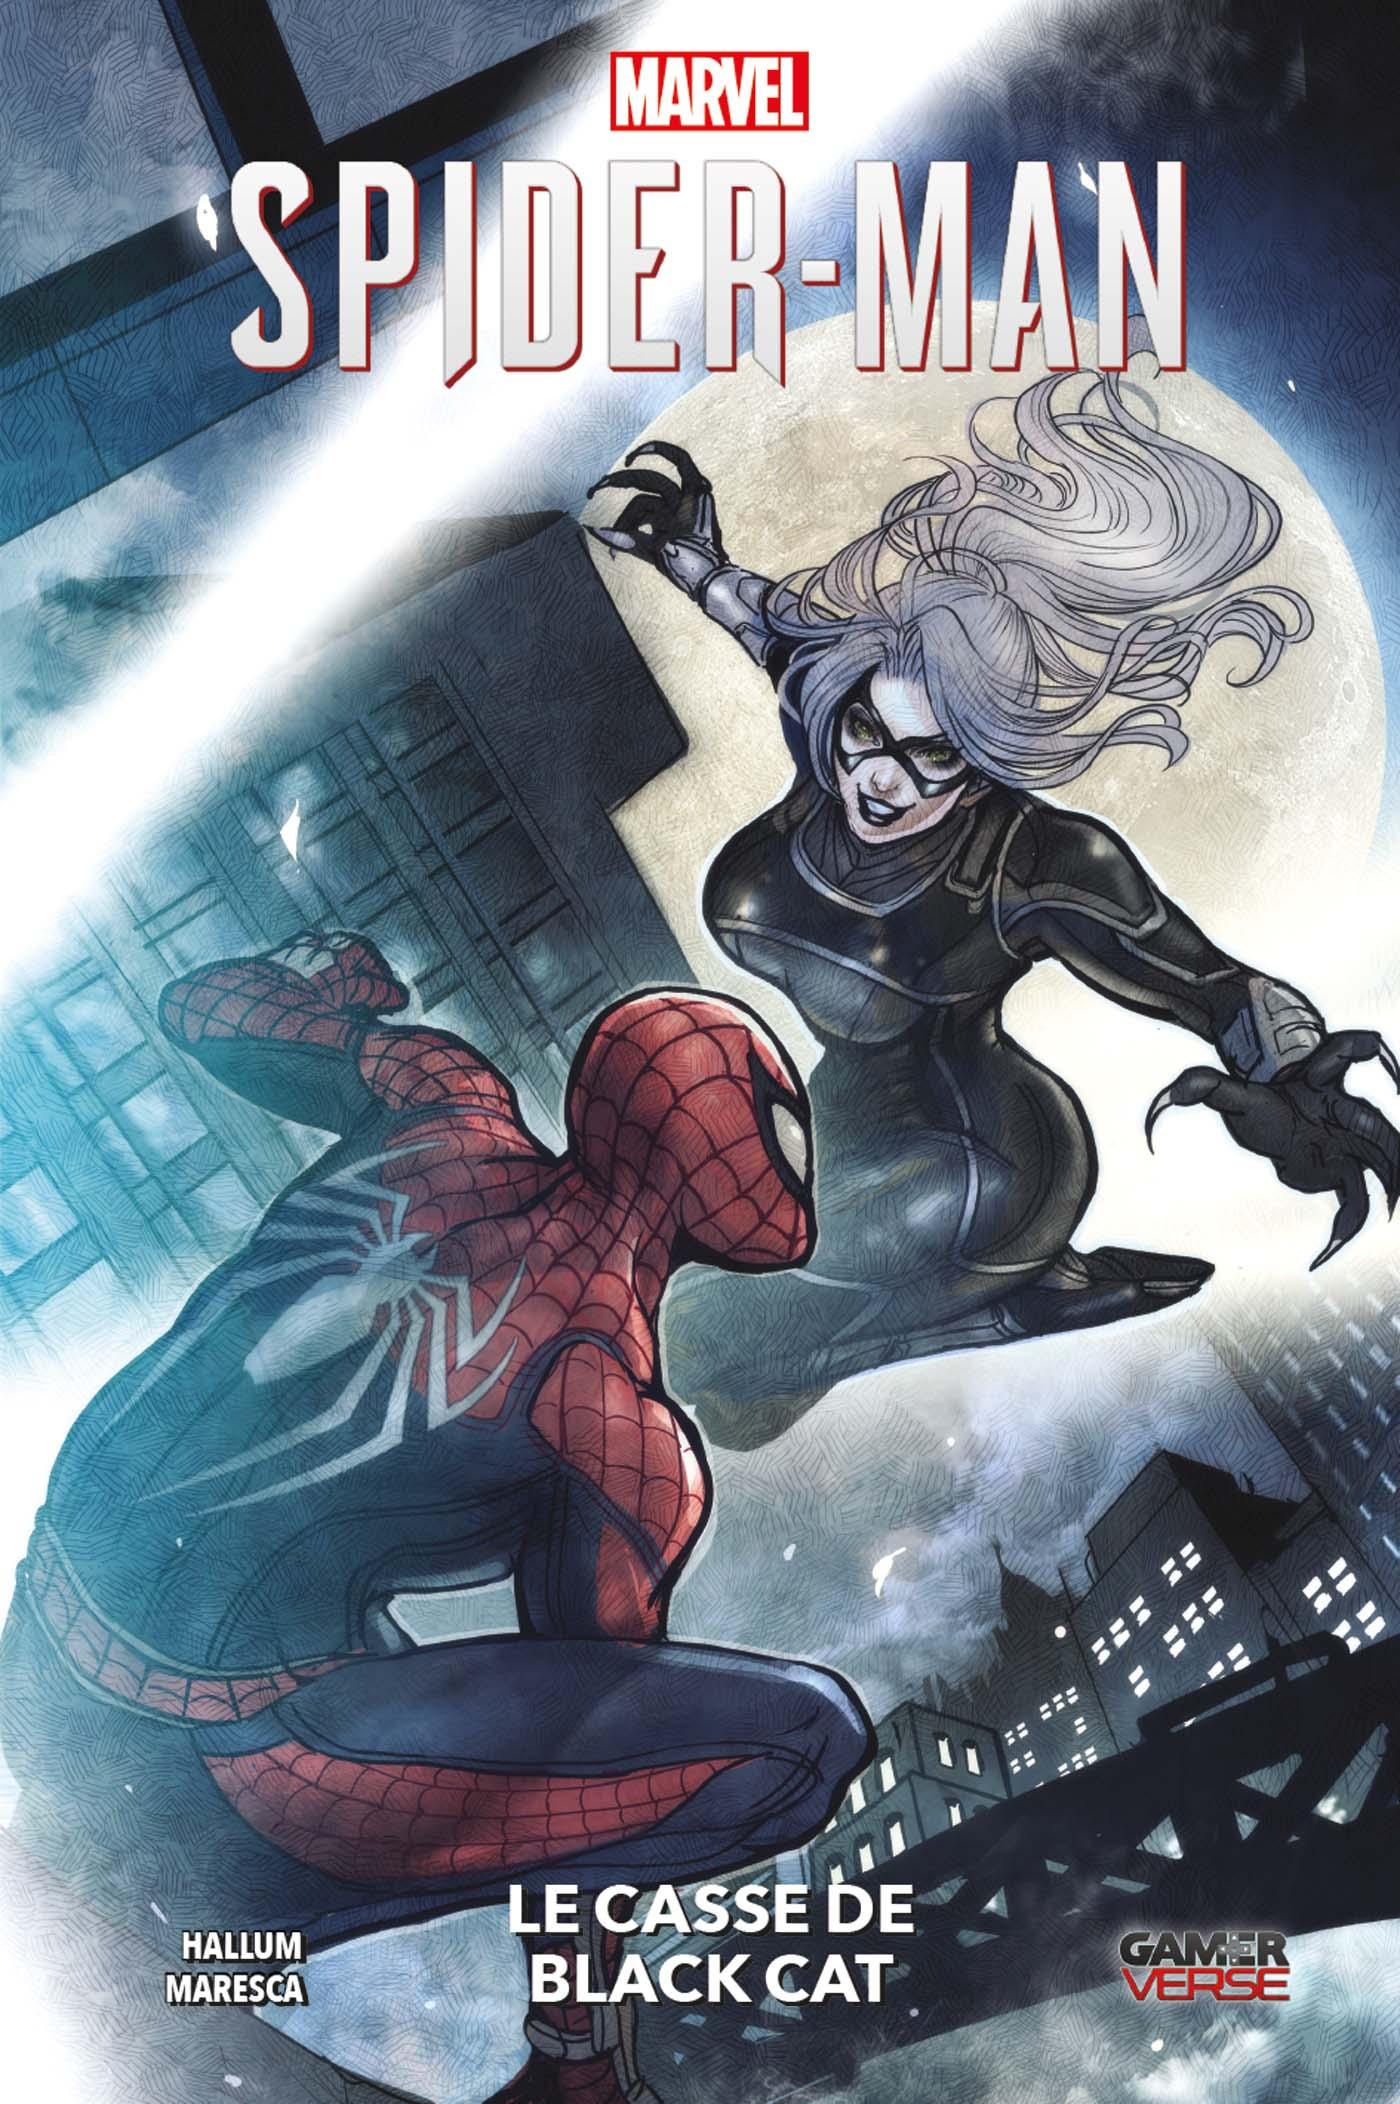 Marvel's Spider-Man - Le casse de Black Cat 1